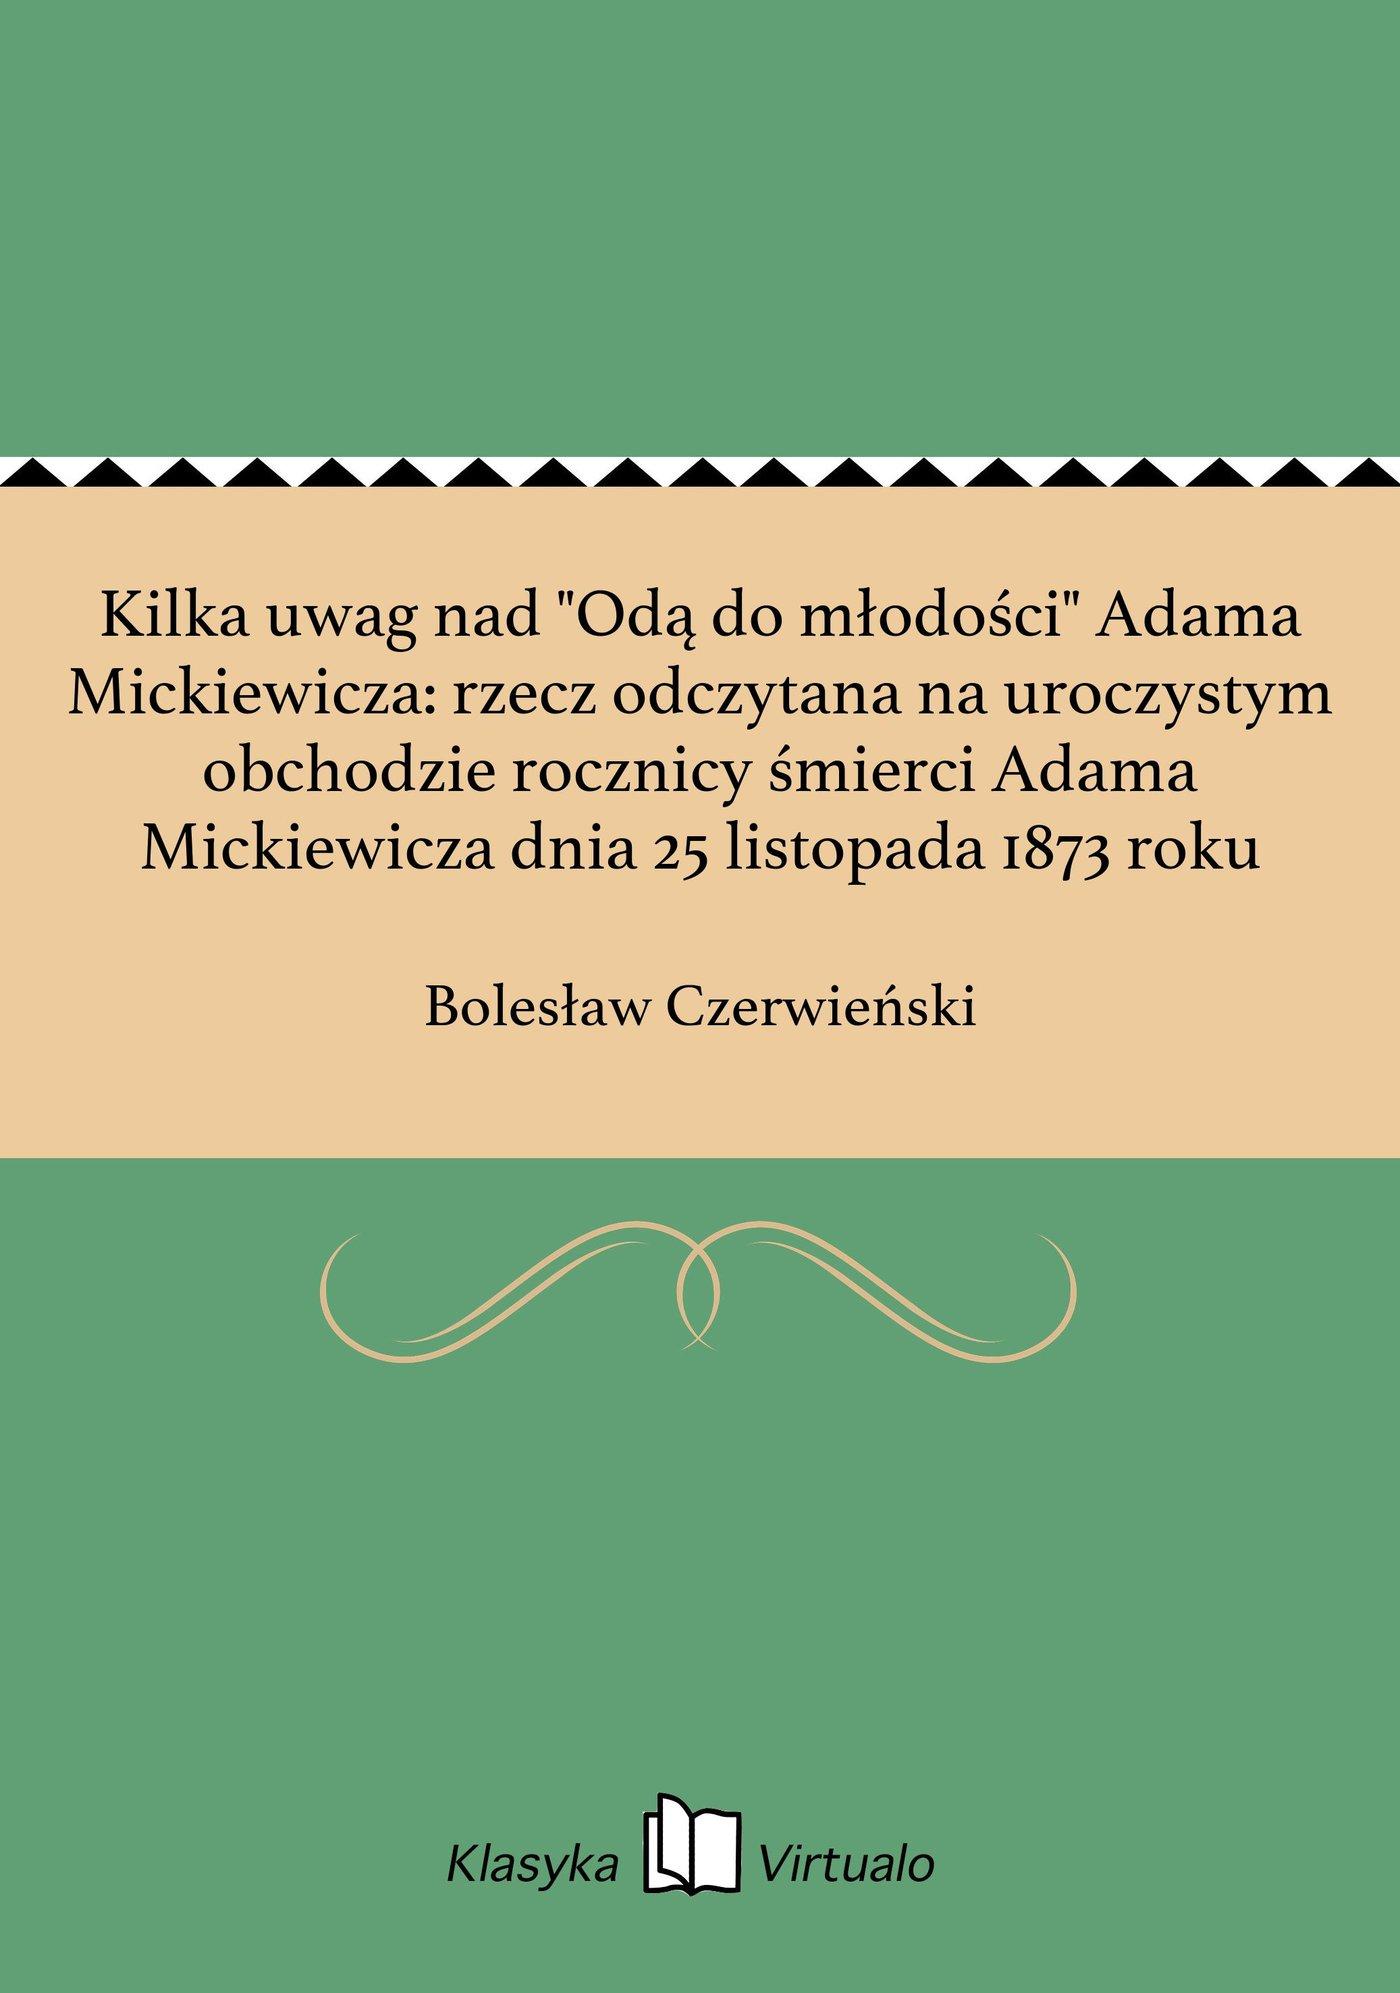 """Kilka uwag nad """"Odą do młodości"""" Adama Mickiewicza: rzecz odczytana na uroczystym obchodzie rocznicy śmierci Adama Mickiewicza dnia 25 listopada 1873 roku - Ebook (Książka na Kindle) do pobrania w formacie MOBI"""